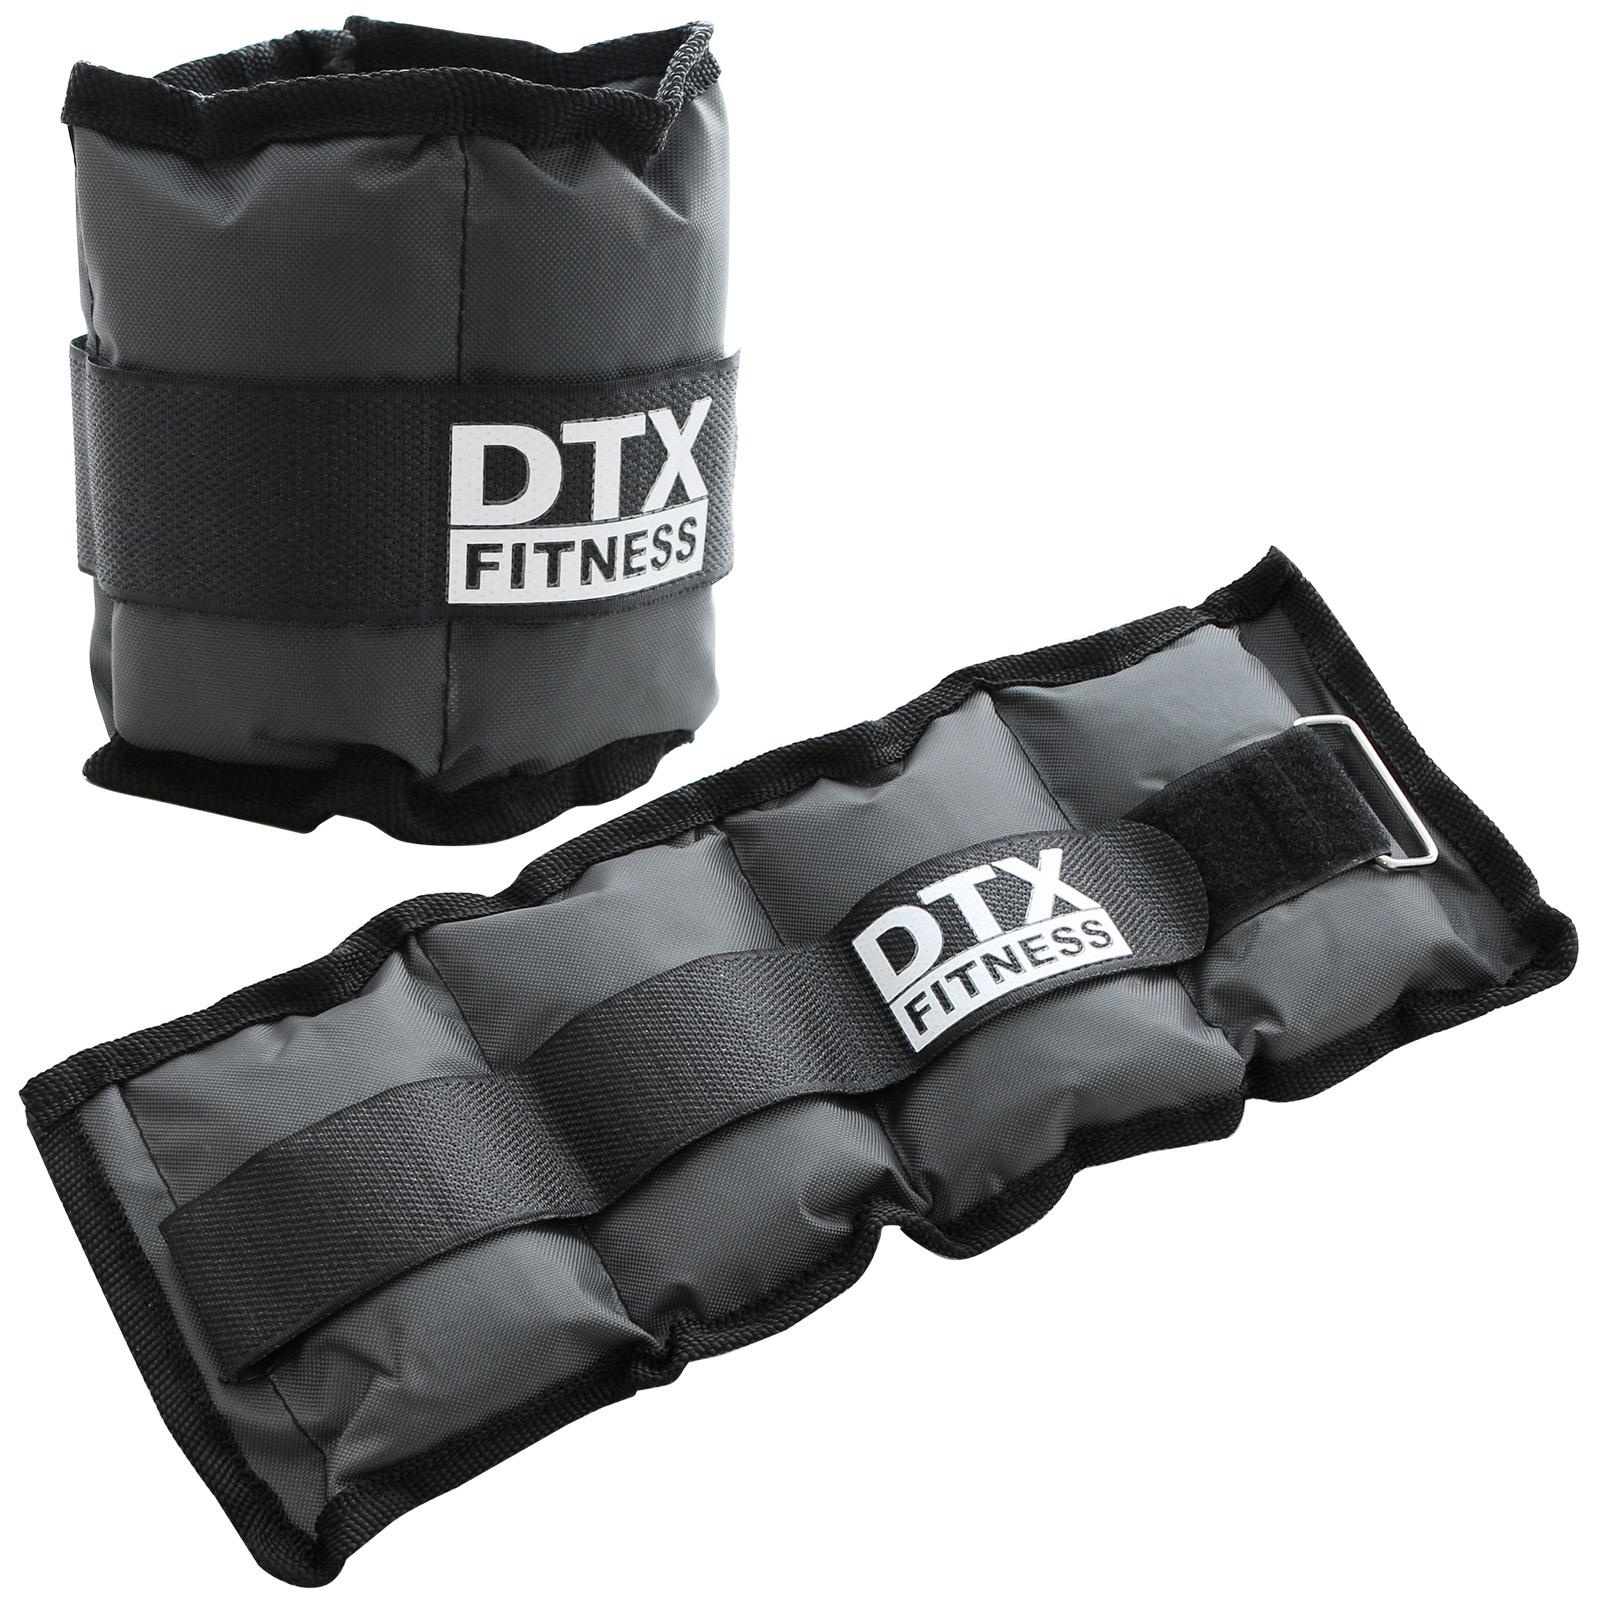 très convoité gamme de frais frais le magasin Détails sur DTX Fitness Leste Poids Bracelet Lesté Poignet/Cheville Fitness  0,5/1/2/3/4/5 kg